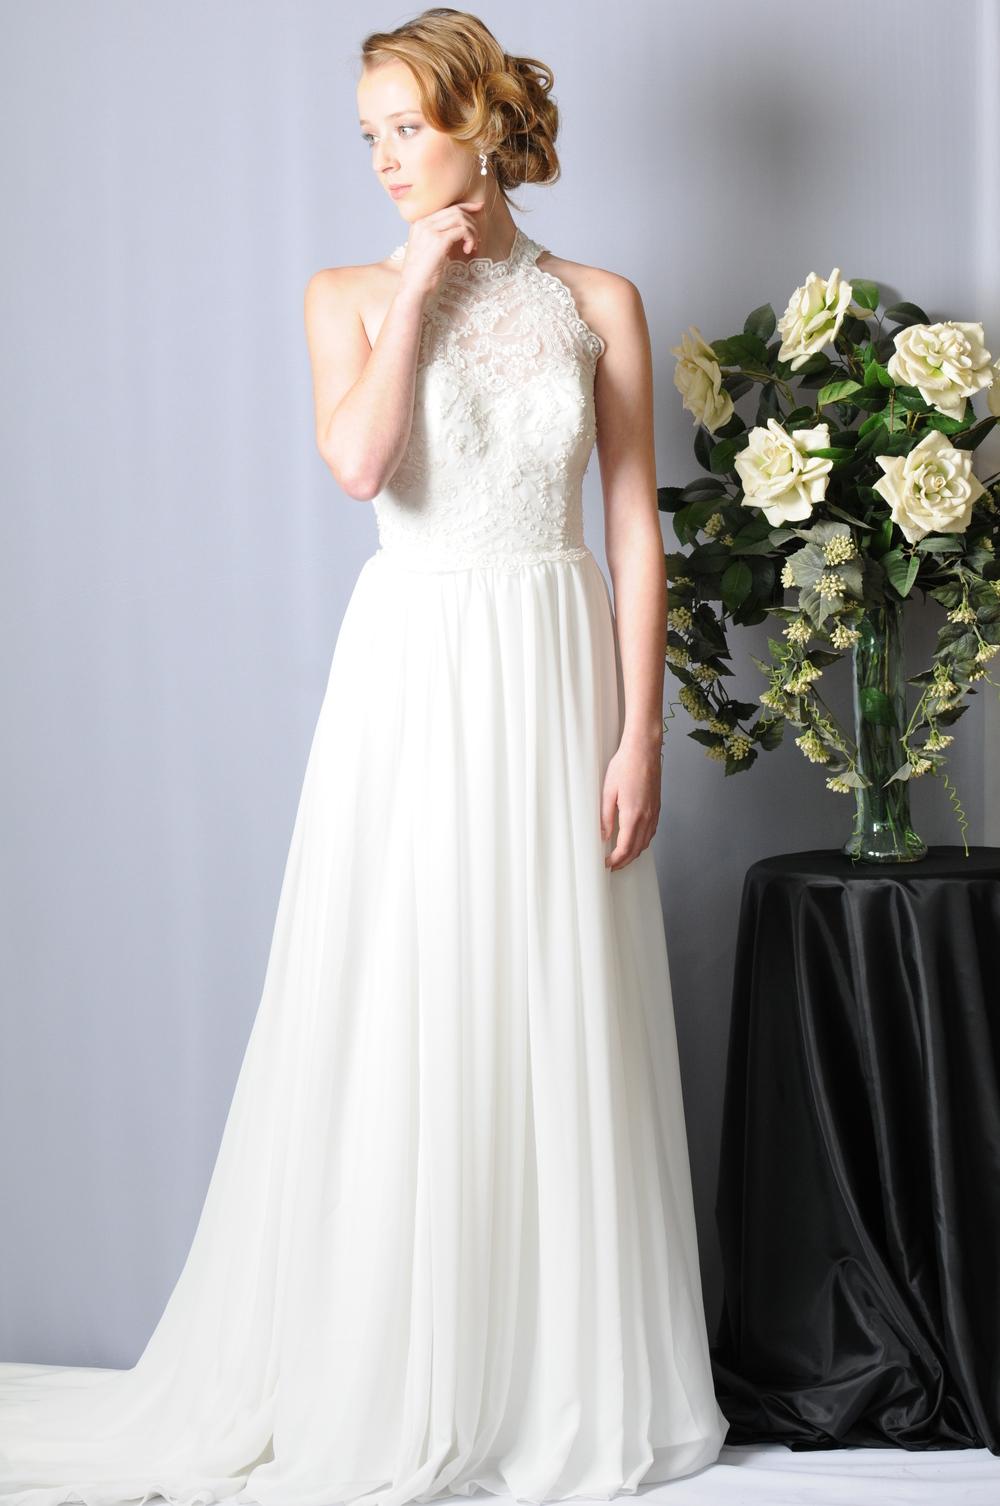 Bridal+Gowns+Melbourne.jpeg